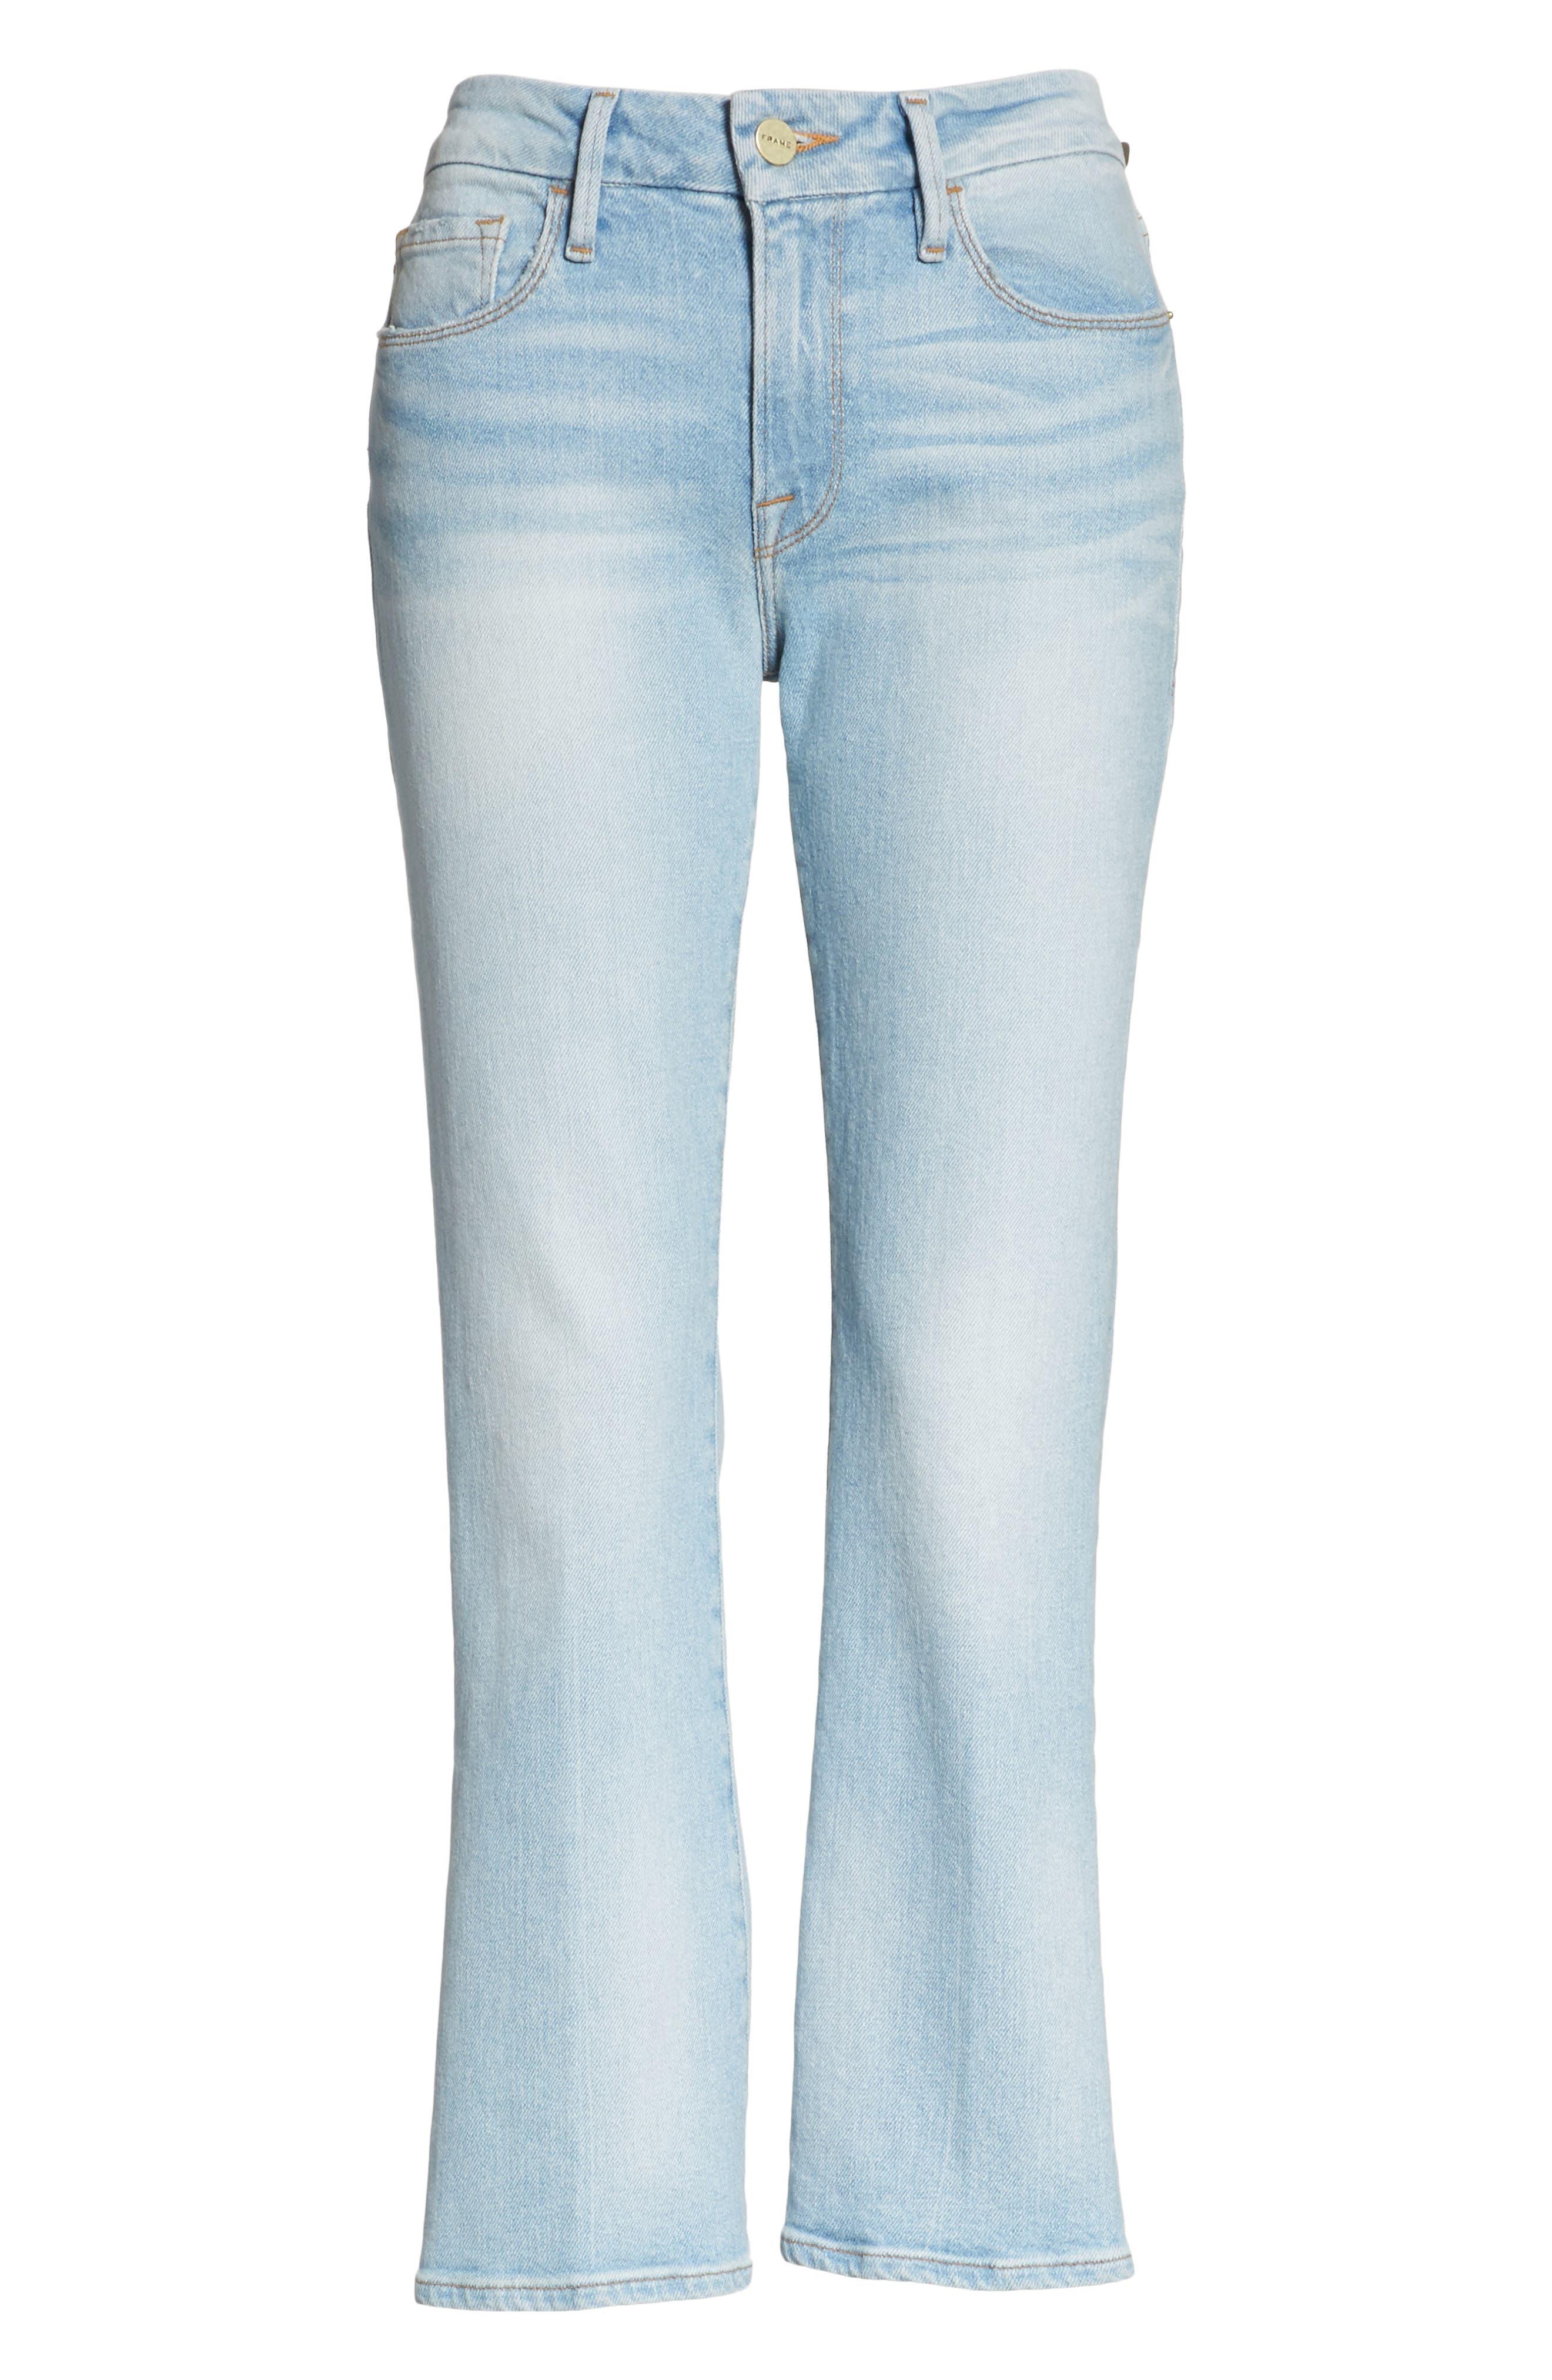 Le Crop Mini Boot Jeans,                             Alternate thumbnail 6, color,                             Adeline